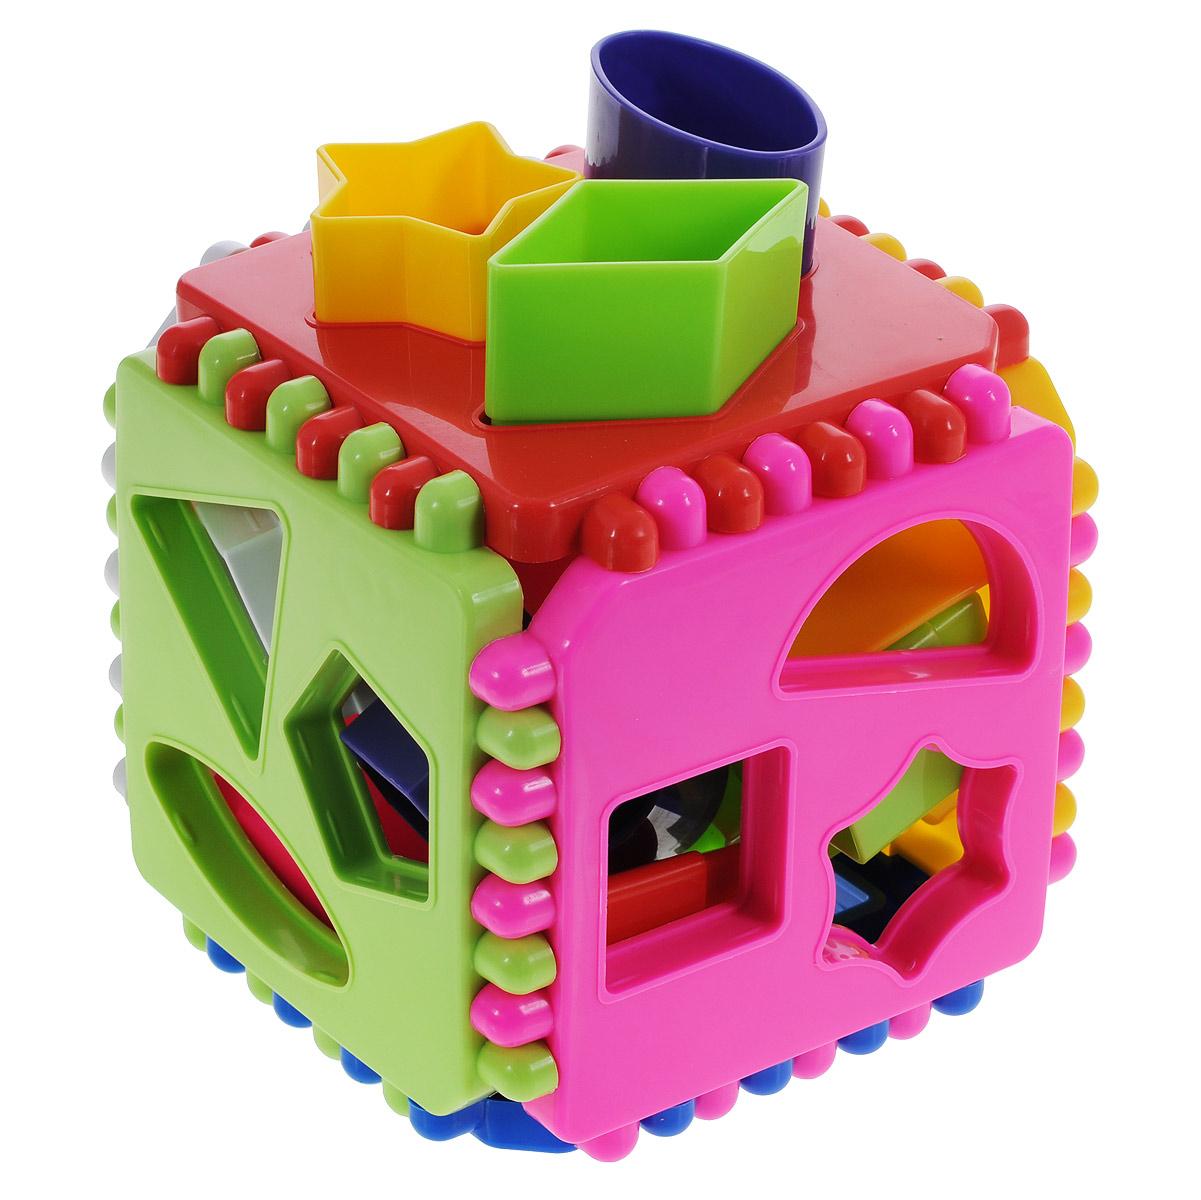 Развивающая игра-сортер Stellar Логический кубик. 0130701307Развивающая игра-сортер Stellar Логический кубик обязательно понравится вашему малышу и доставит ему много удовольствия от часов, посвященных игре с ней. Игрушка выполнена из высококачественного, безопасного пластика. Набор включает в себя кубик и 18 фигурок. Разноцветные грани кубика содержат отверстия разной формы. Каждой грани по цвету и форме отверстия соответствует определенная фигурка. Задача малыша - правильно подобрать соответствующие элементы. Логические игры вырабатывают умение узнавать и различать форму или изображение предмета, его цвет, развивают творческое и пространственное воображение, абстрактное мышление, а также учат классифицировать, обобщать и сравнивать. Порадуйте малыша такой яркой игрушкой!